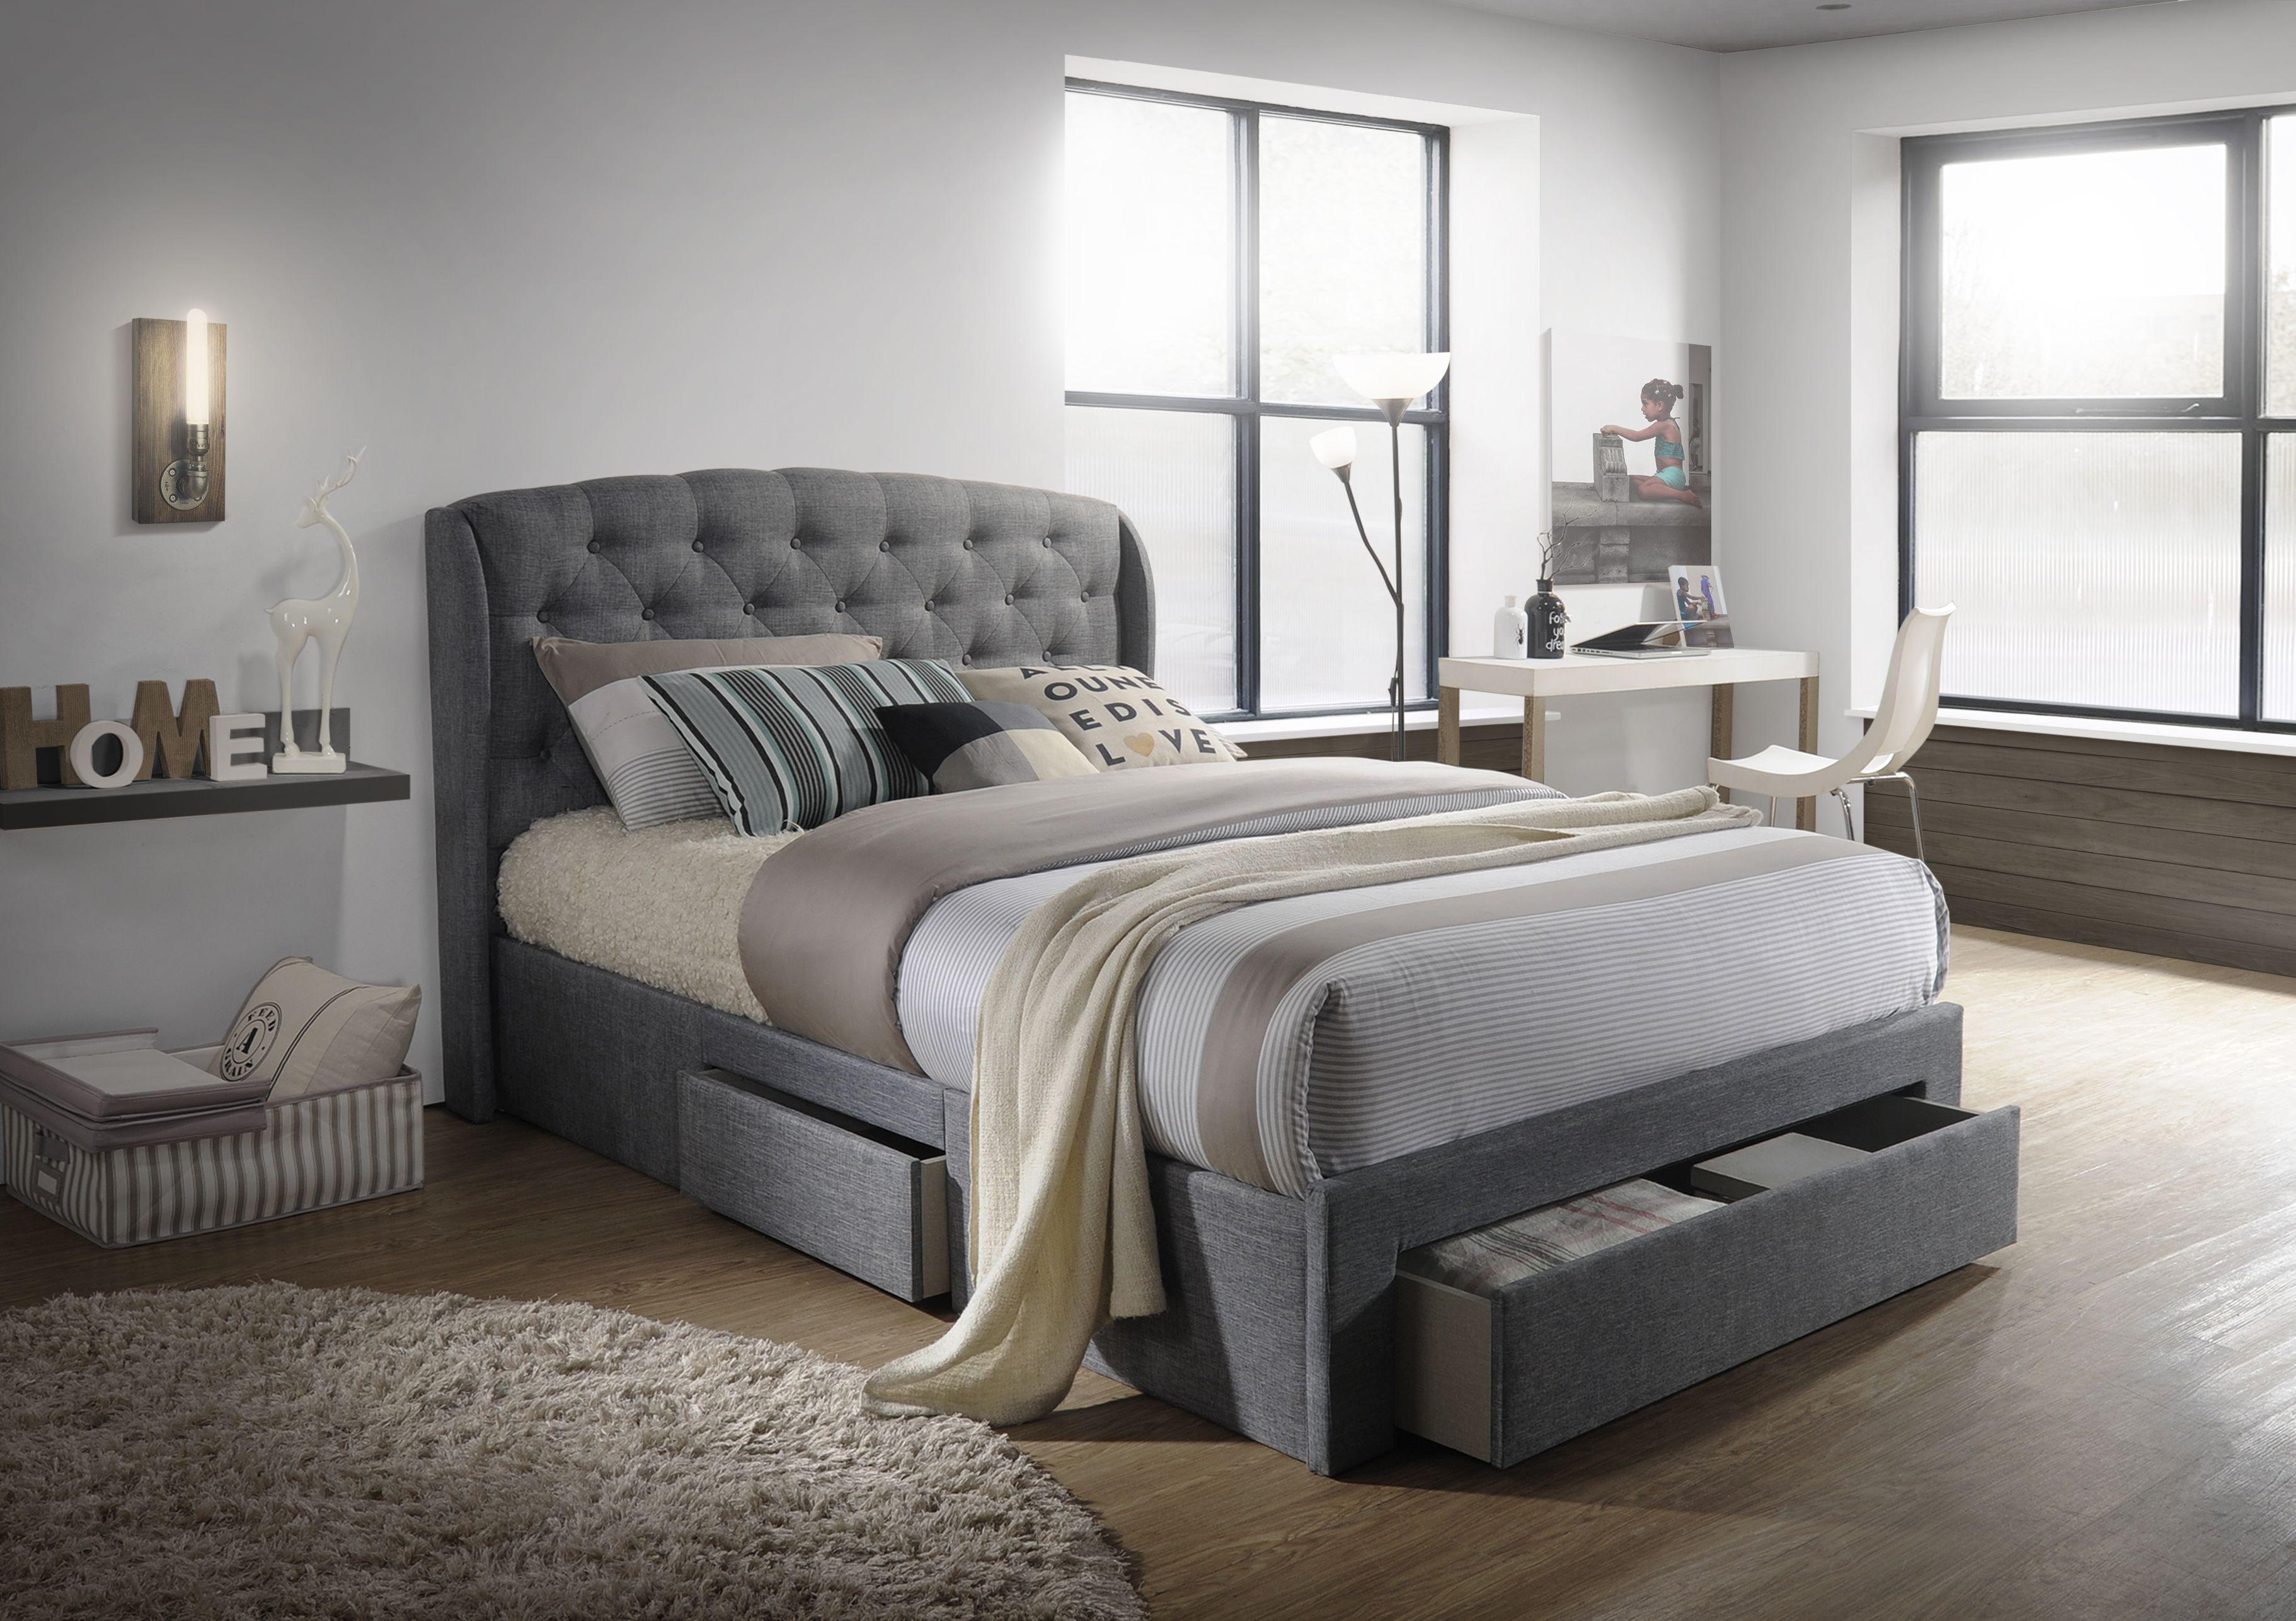 Concept Unique De Liquidation De Meubles Au Quebec Surplus Rd Ca Vaut Le Coup Home Bed Home Decor